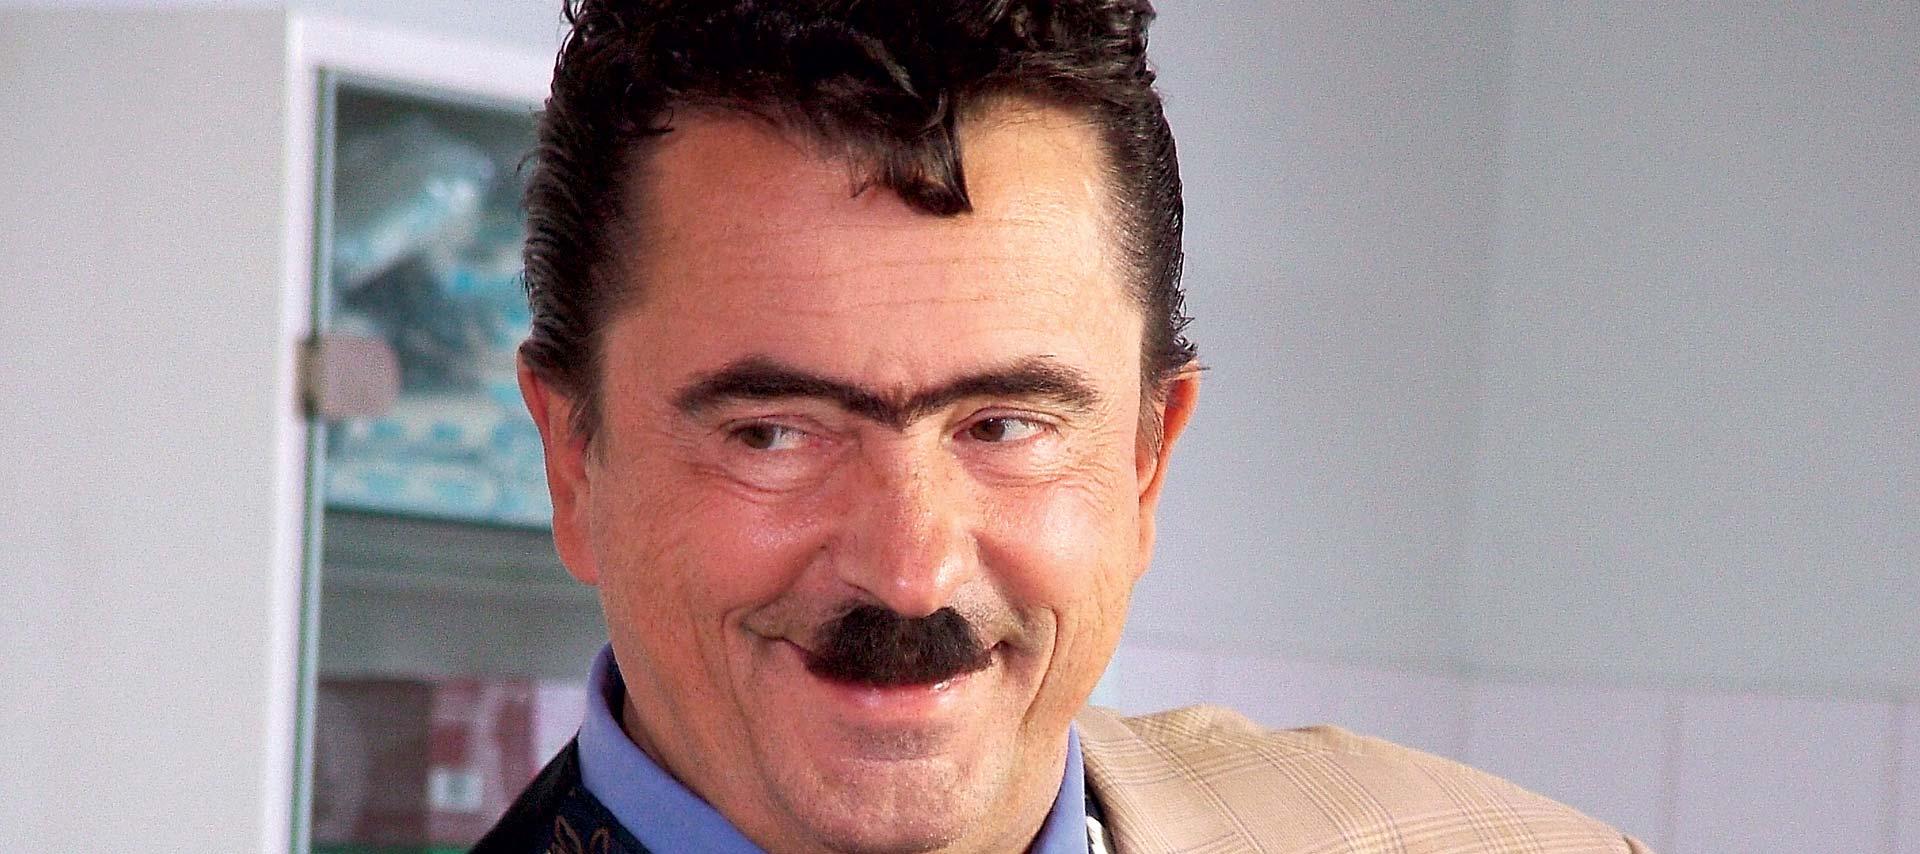 """U NACIONALU PROČITAJTE INTERVJU S MILANOM GUTOVIĆEM """"Kao džentlmen nikada nijednog političara ne vrijeđam slučajno"""""""